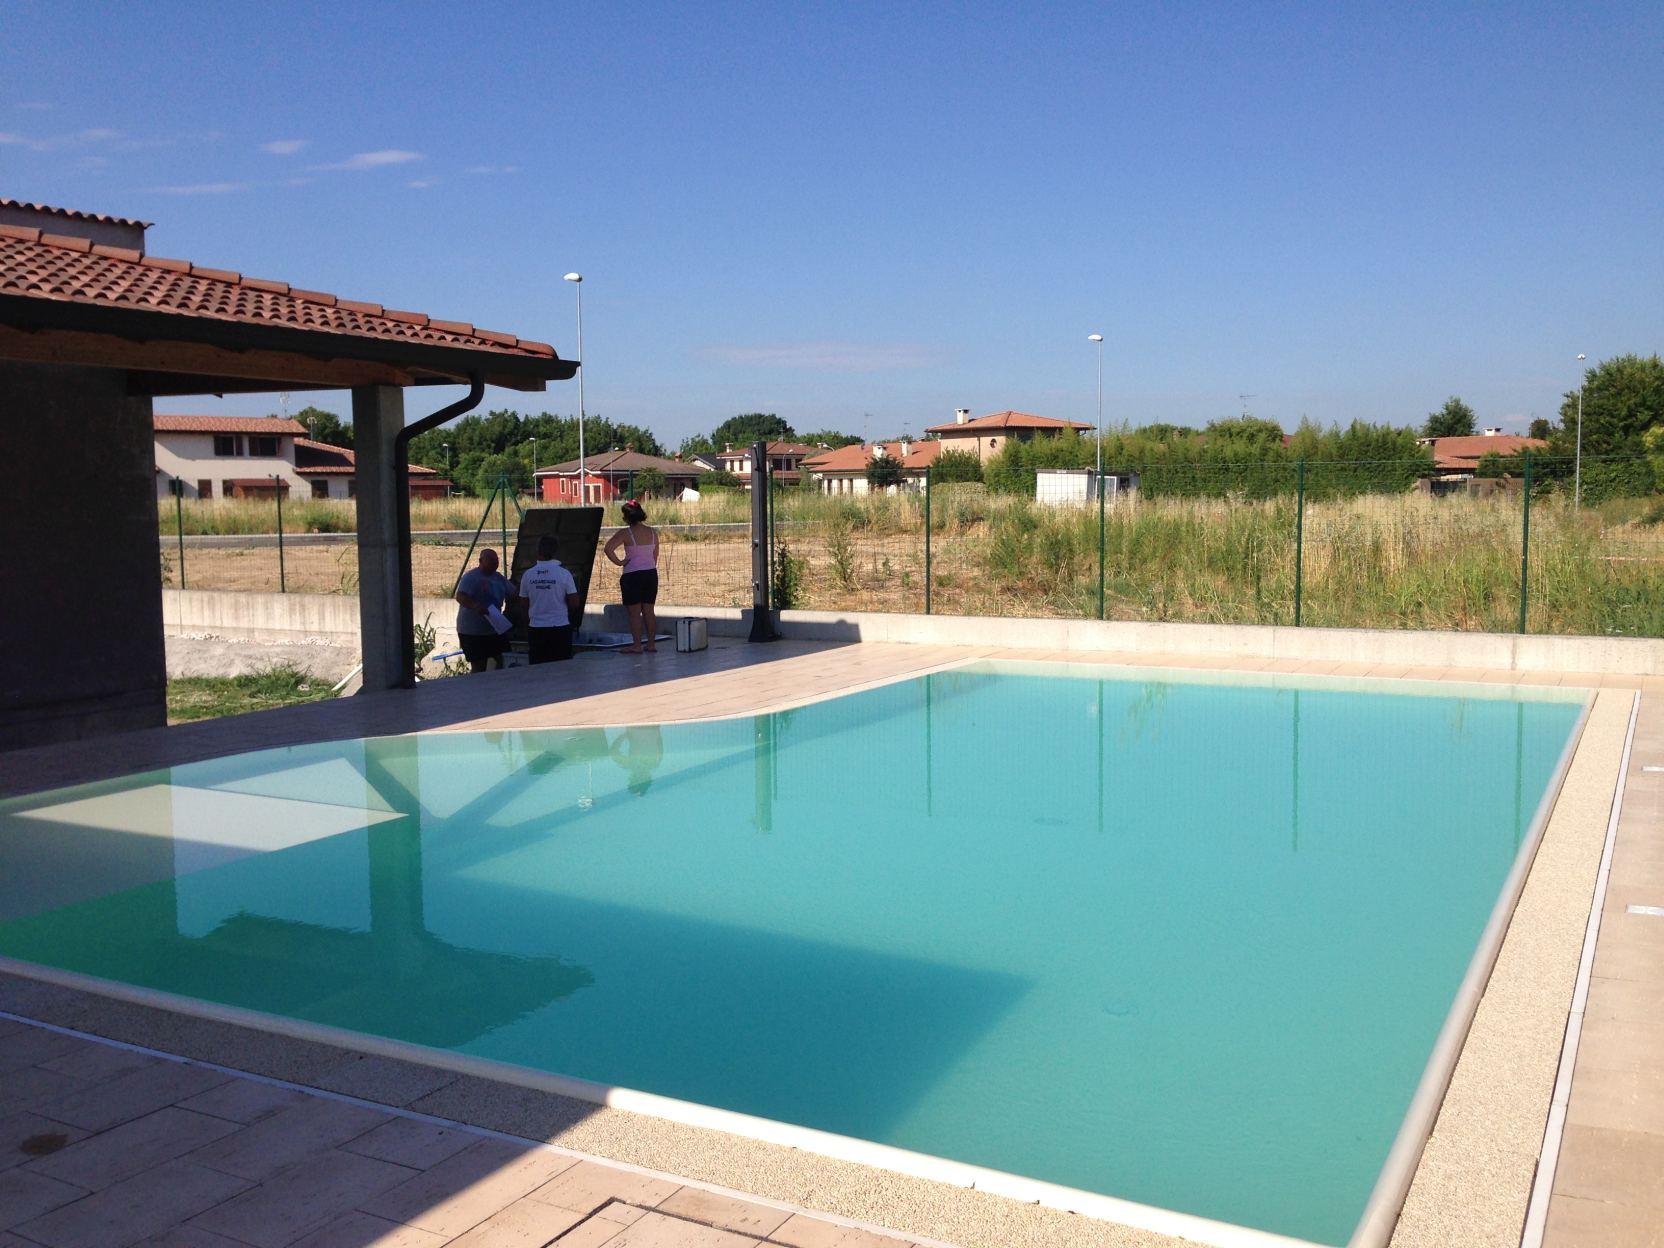 Bagnolo San Vito (14) - Casareggio Piscine: piscine, piscine mantova, costruttori di piscine